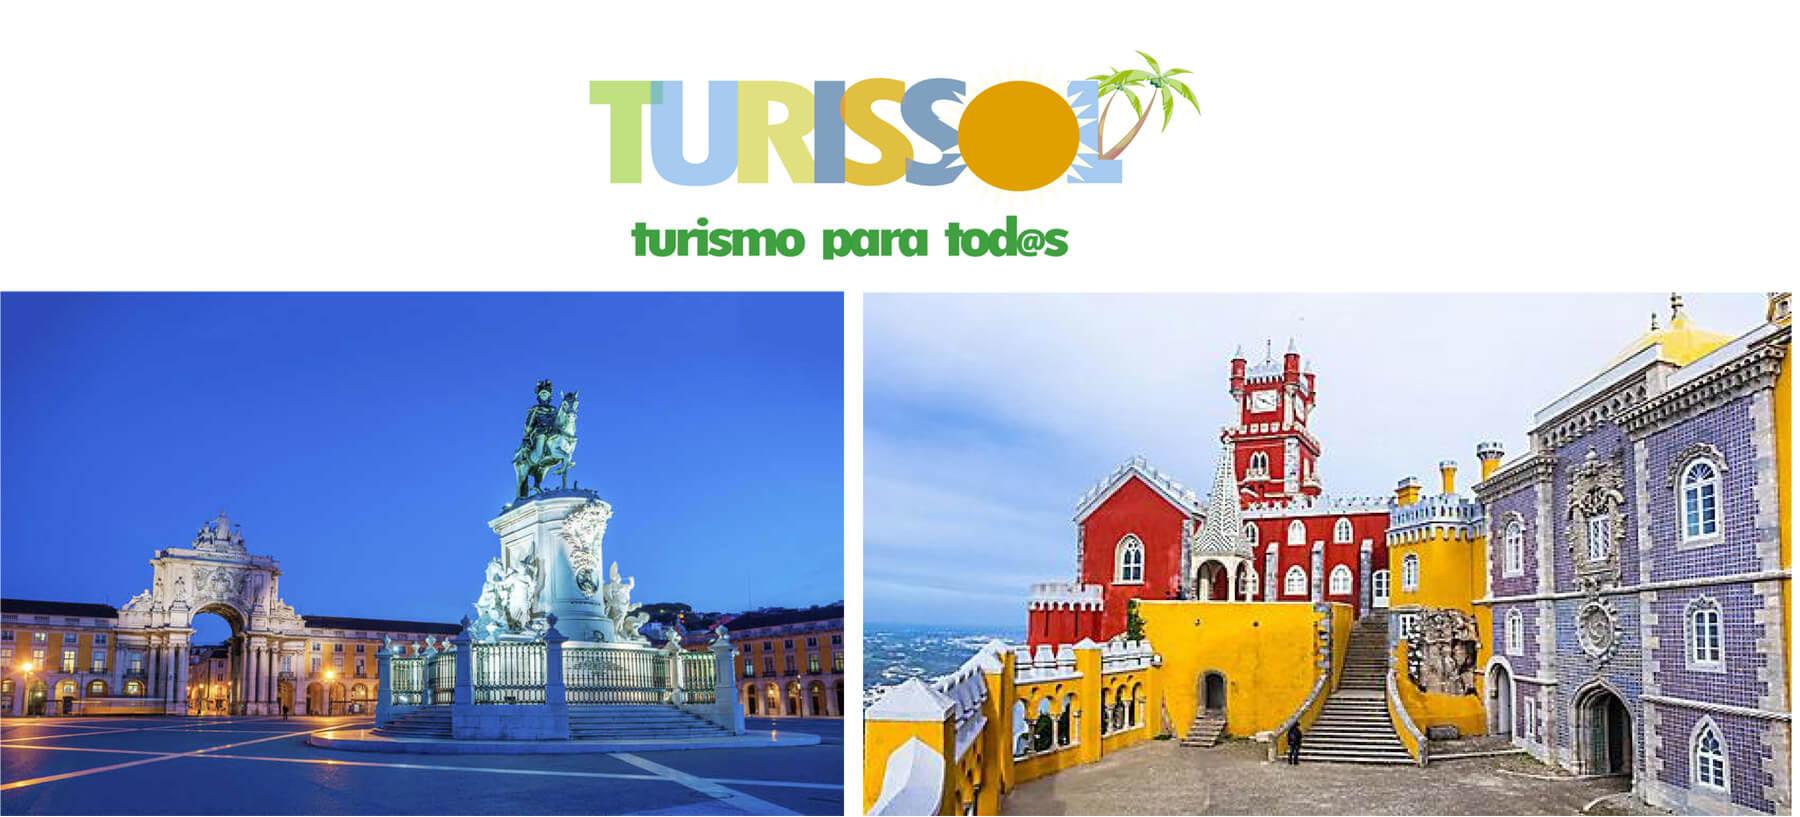 Turissol